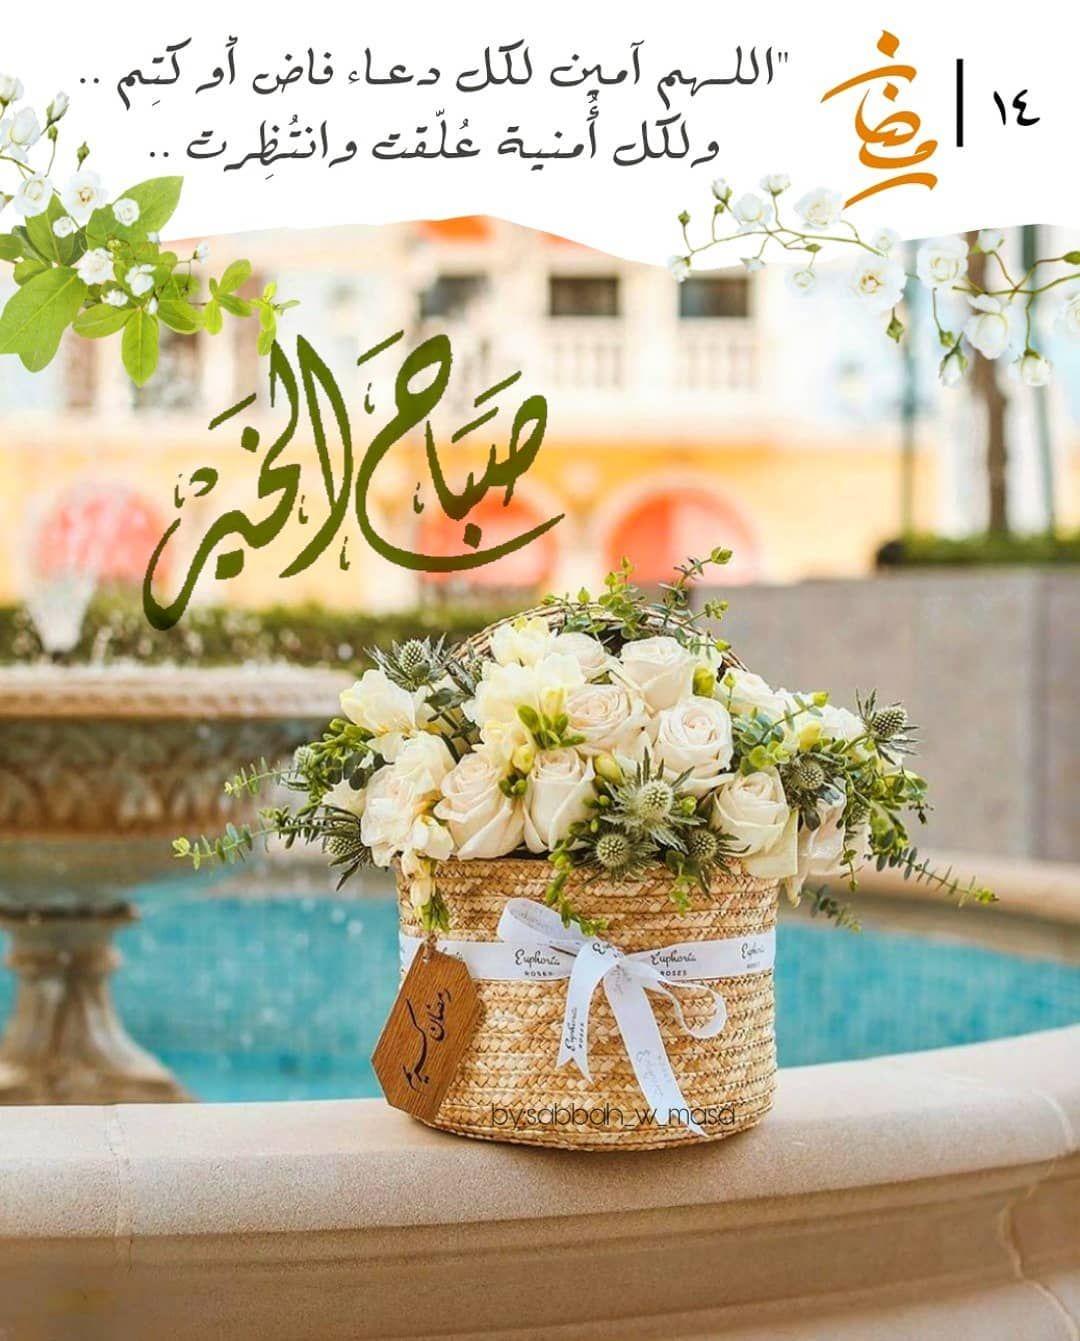 صبح و مساء On Instagram صباح الخيرات والمسرات 14 رمضان اللـهم هذا رمضان قد انتصف سريعآ Table Decorations Decor Home Decor